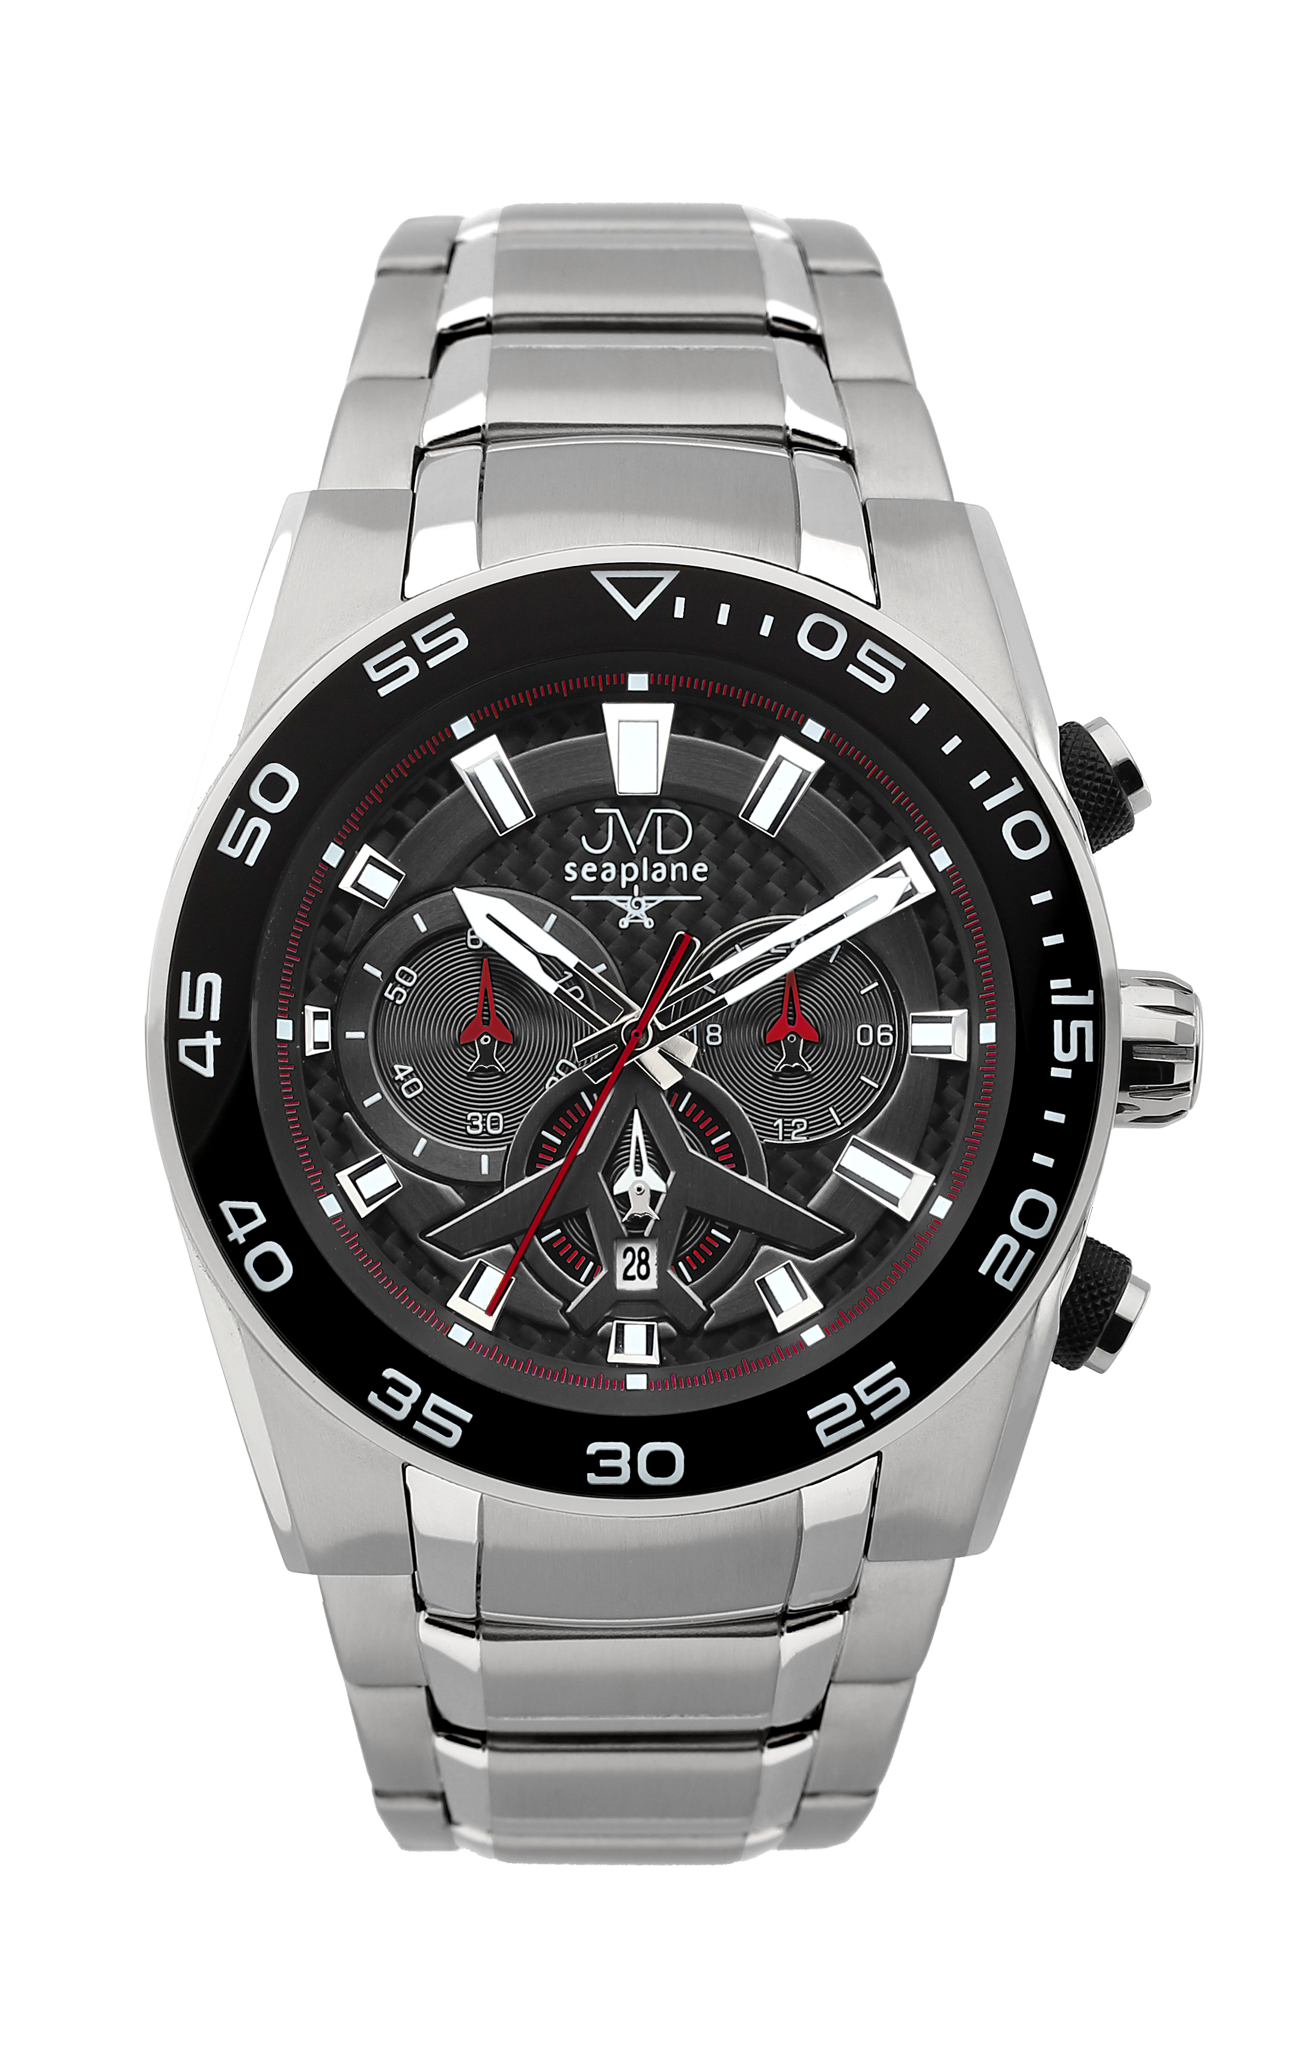 Luxusní vodotěsné sportovní hodinky JVD seaplane W49.3 chornograf se stopkami